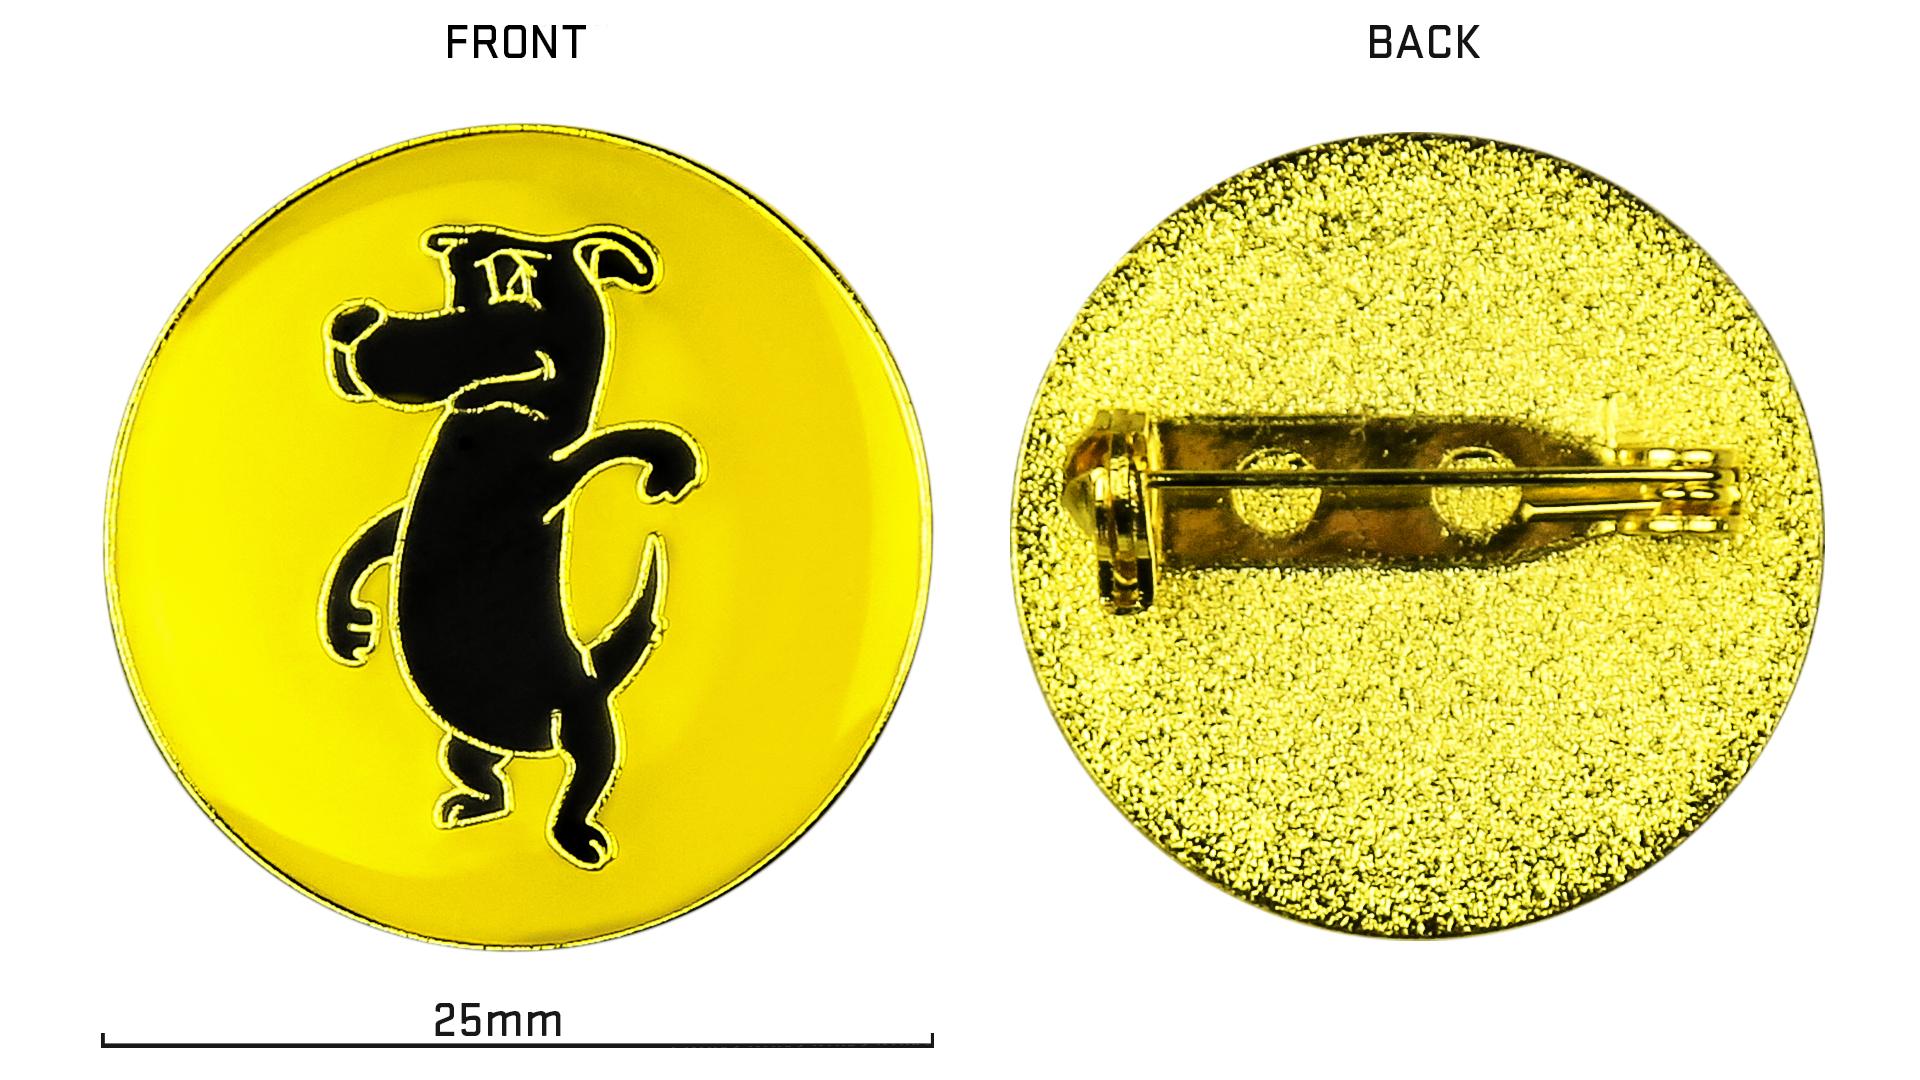 The badge is 25mm in diameter.